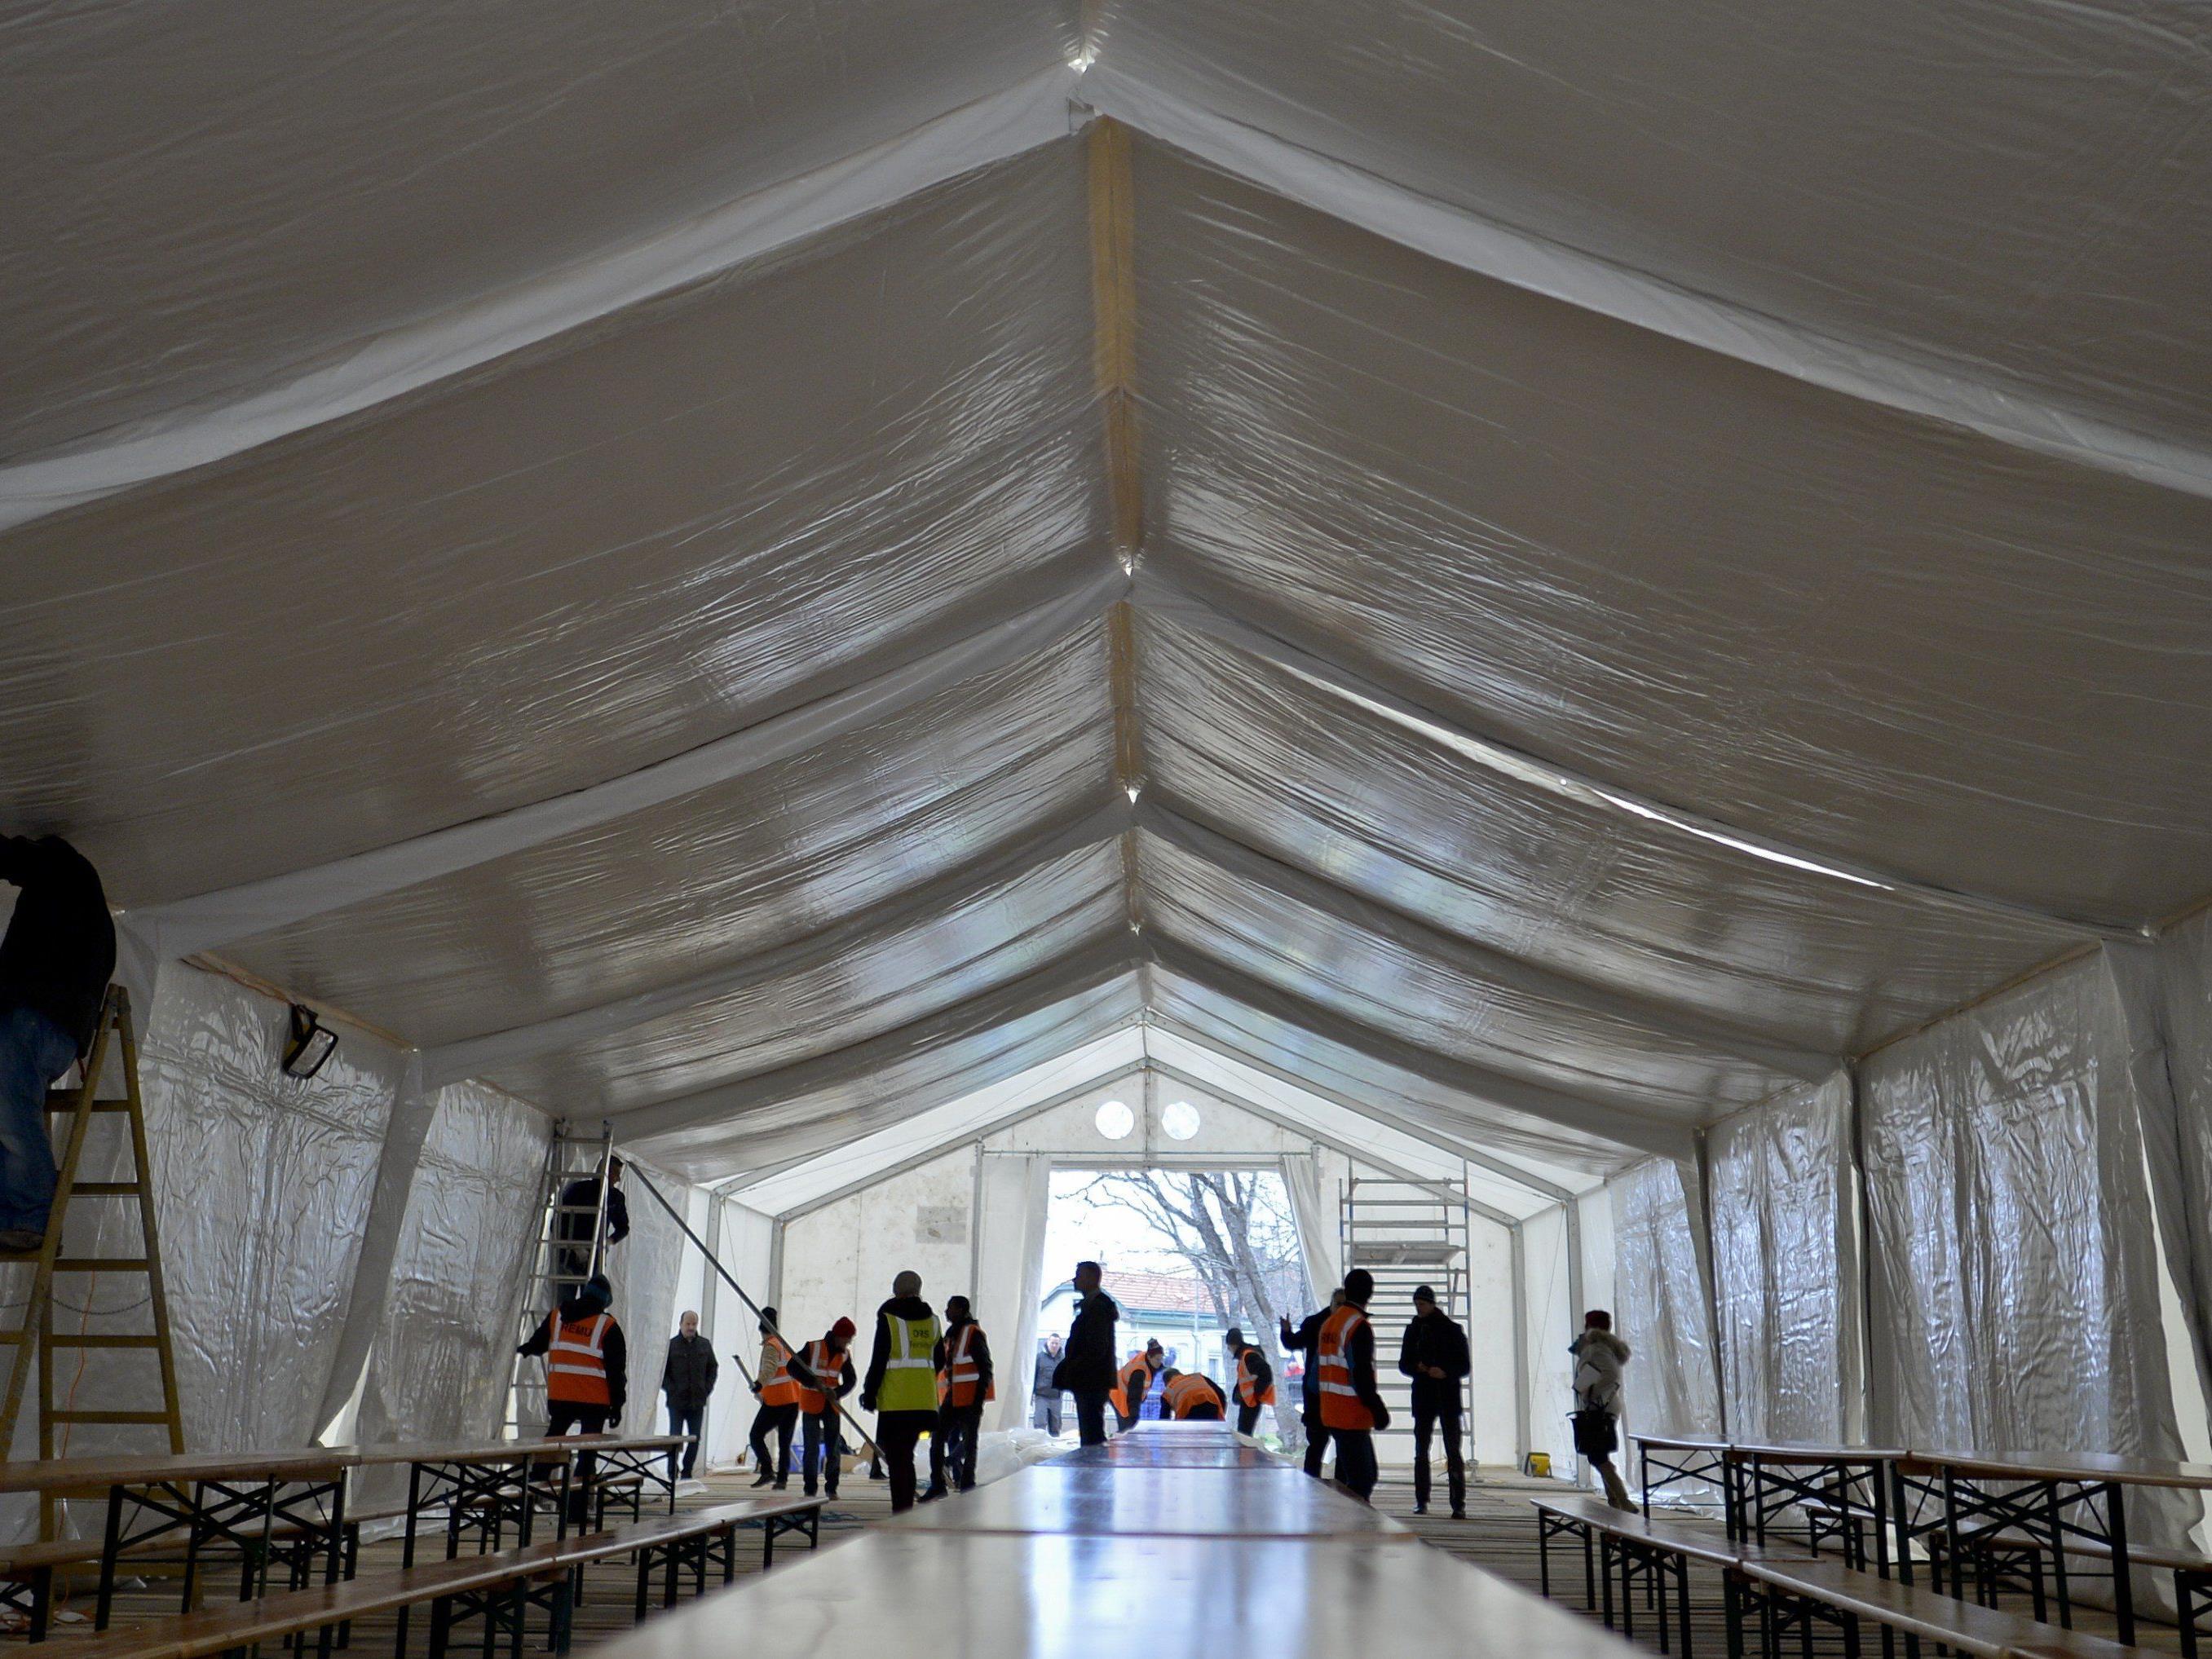 Das neue, große Zelt im Erstaufnahmezentrum Traiskirchen.